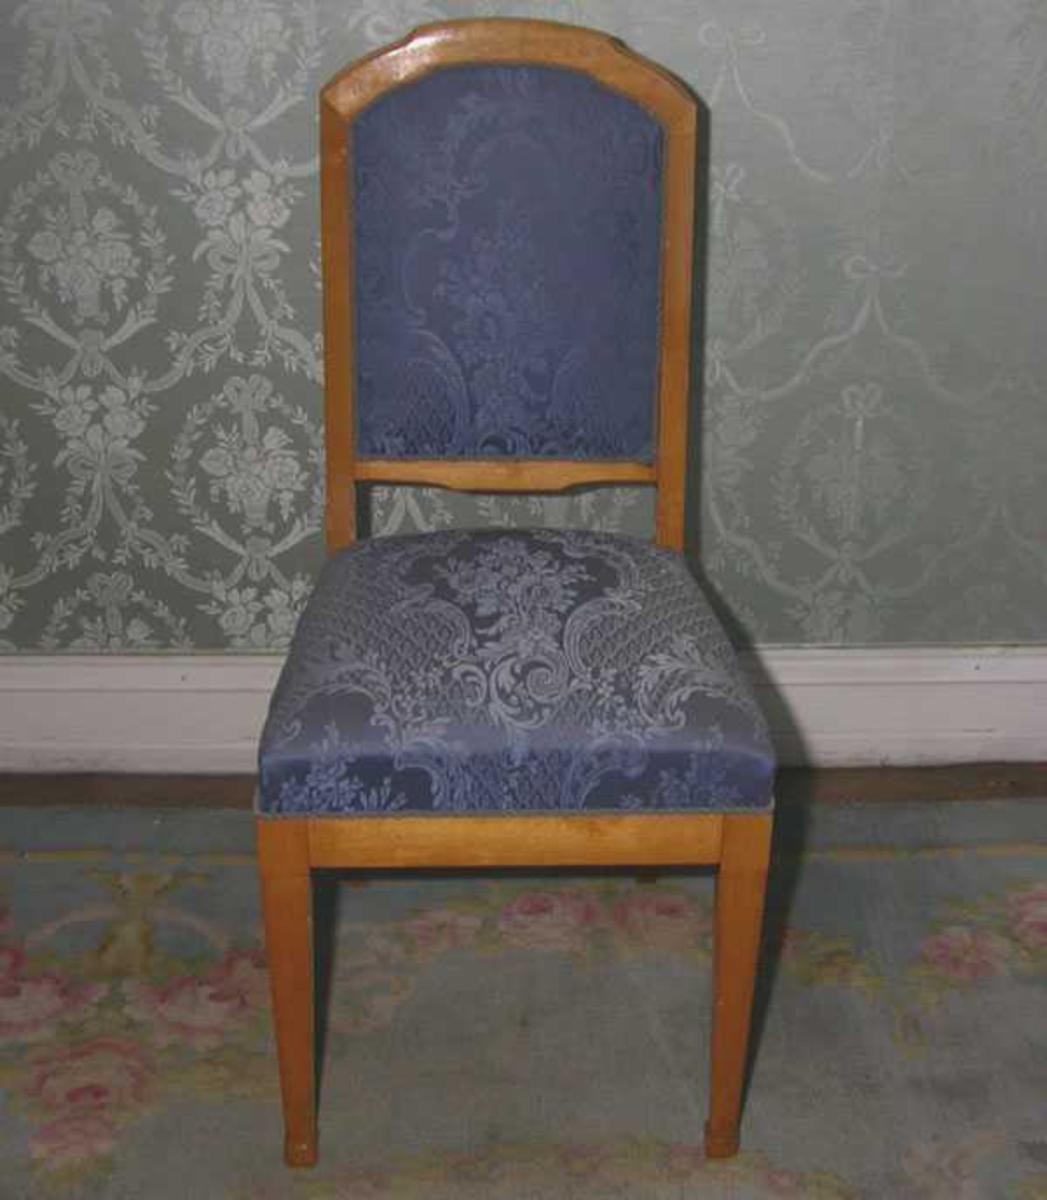 Mellomblå brokademønstret stol med treverk i bjørk. Buet, stoppet rygg, adskilt fra setet.